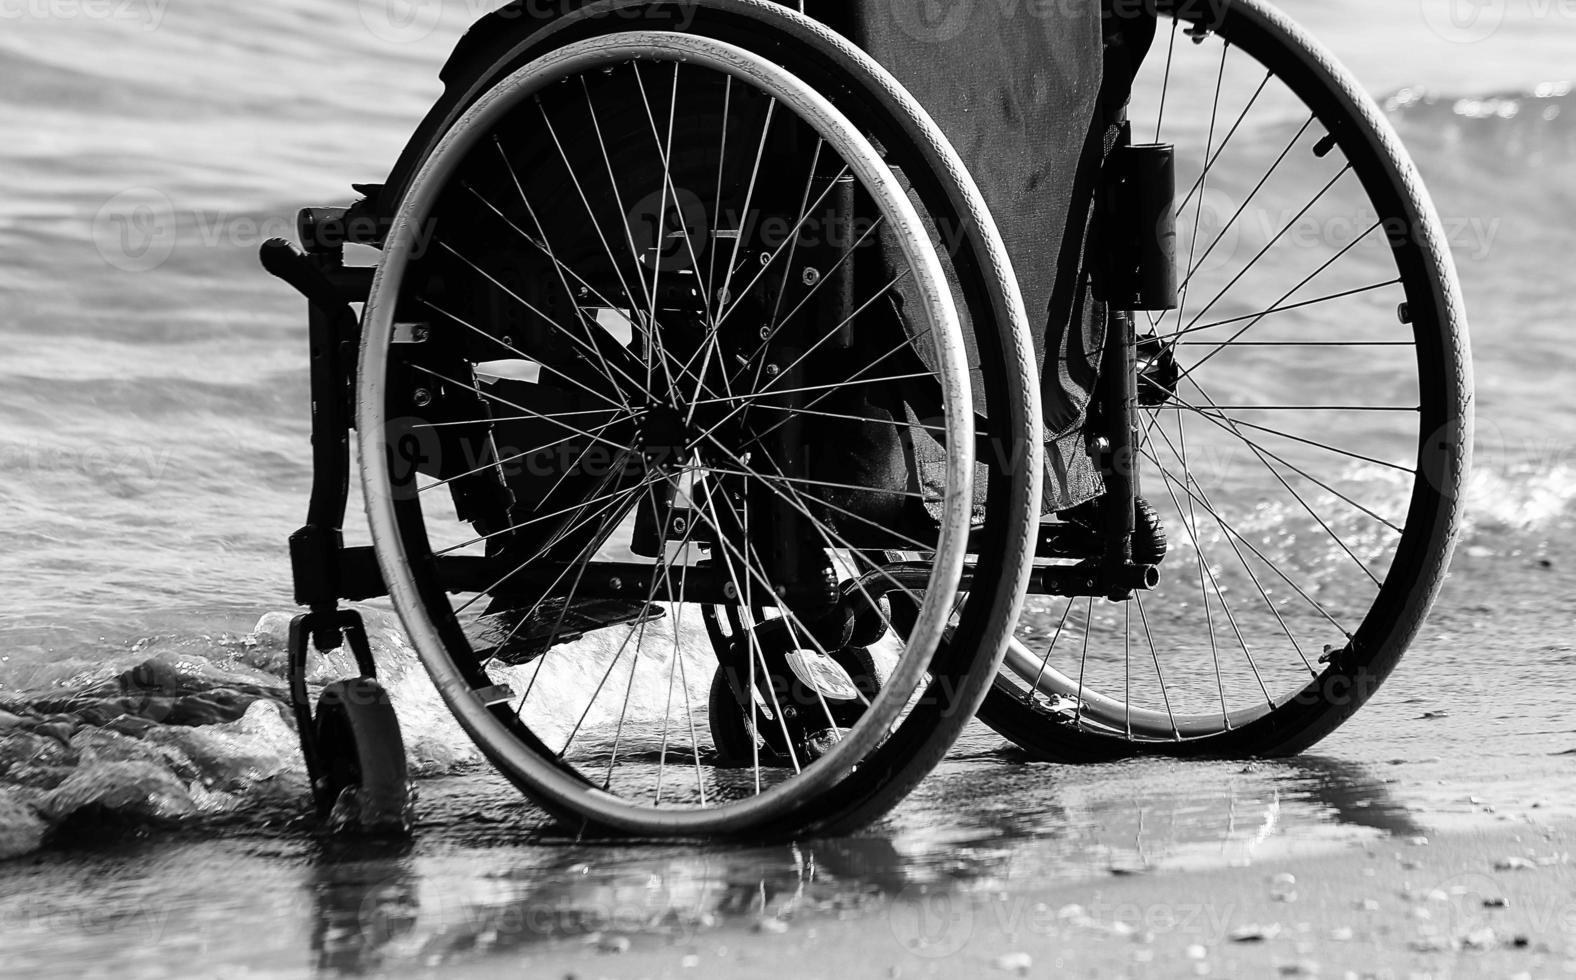 sedia a rotelle vicino al mare sulla spiaggia di sabbia foto